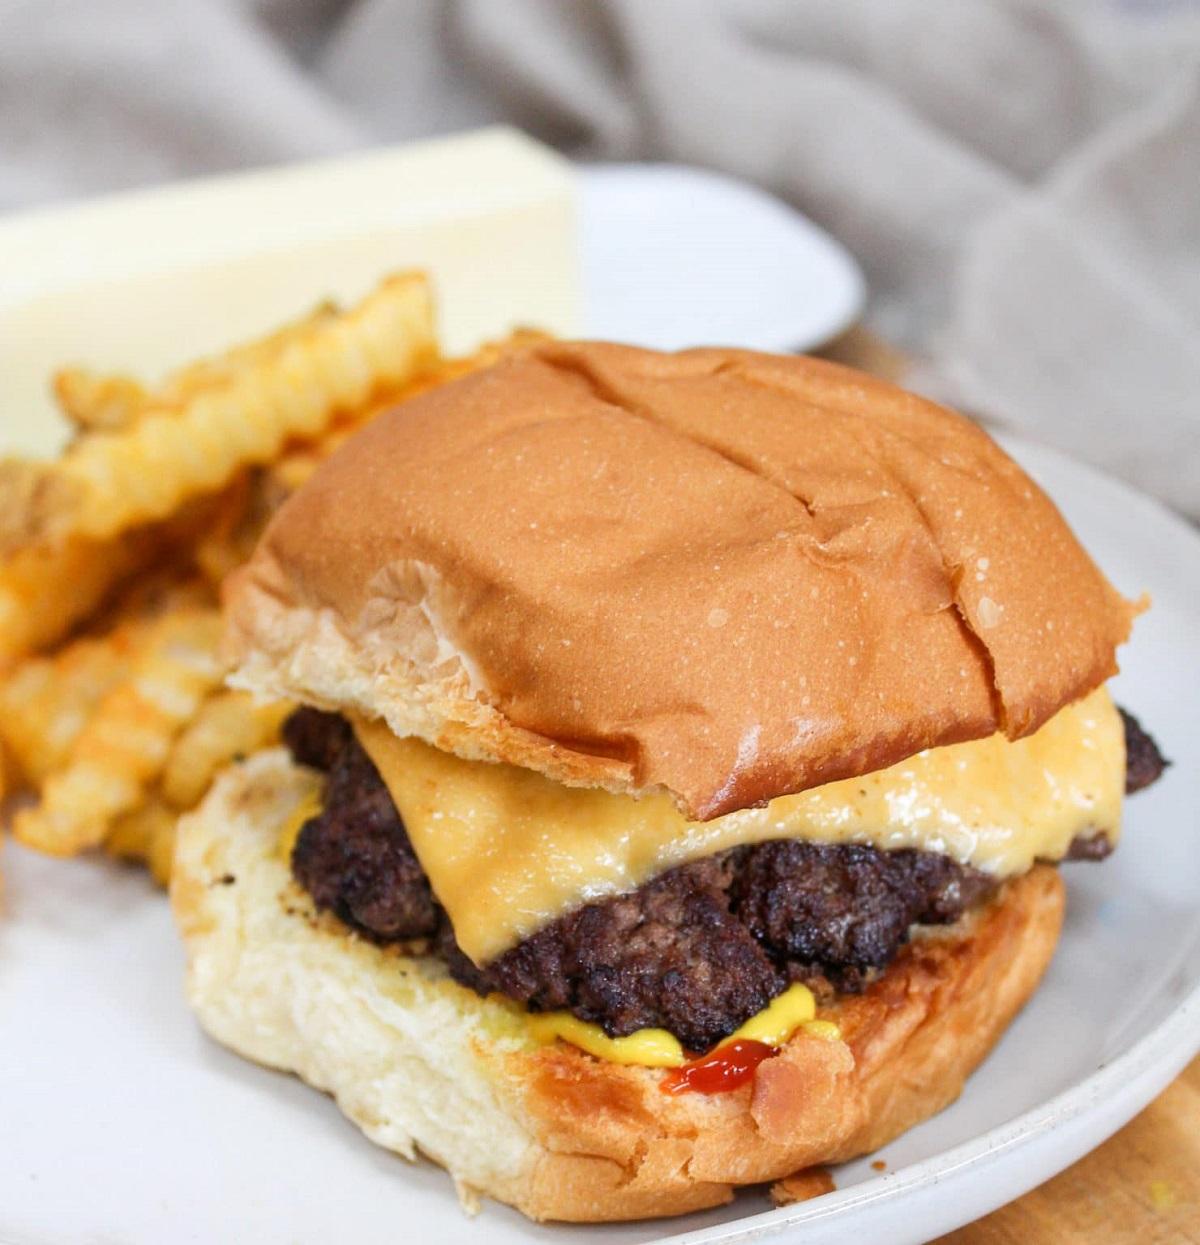 burger on bun on plate